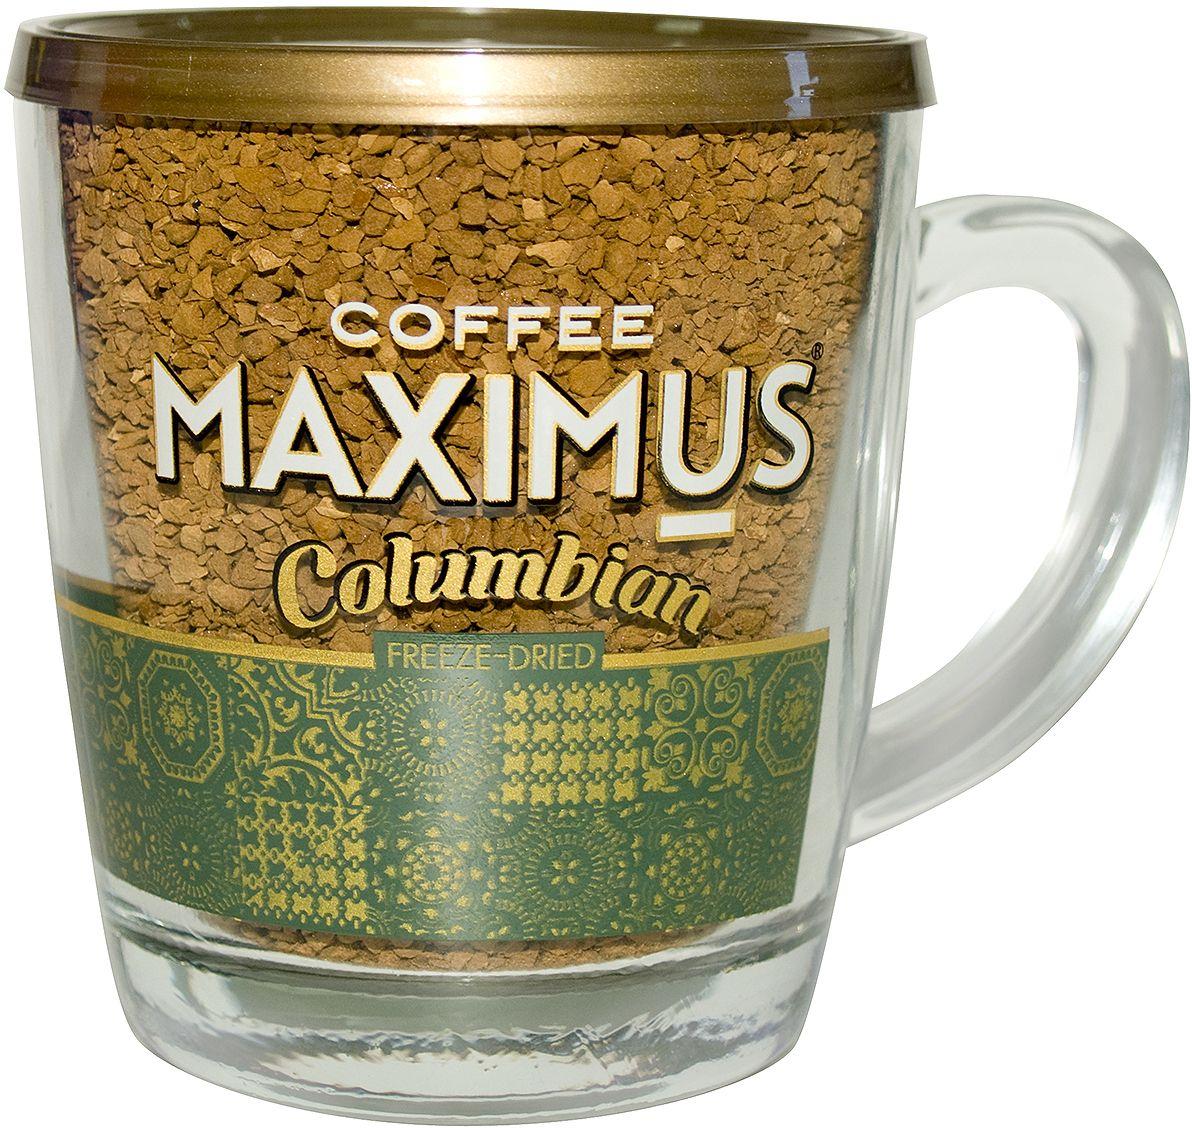 Maximus Columbian кофе растворимый в стеклянной кружке, 70 г0120710Maximus Columbian - флагманский продукт. Он принес марке Maximus известность и доверие потребителей. Это качественный бренд, составленный из отборных сортов кофе.